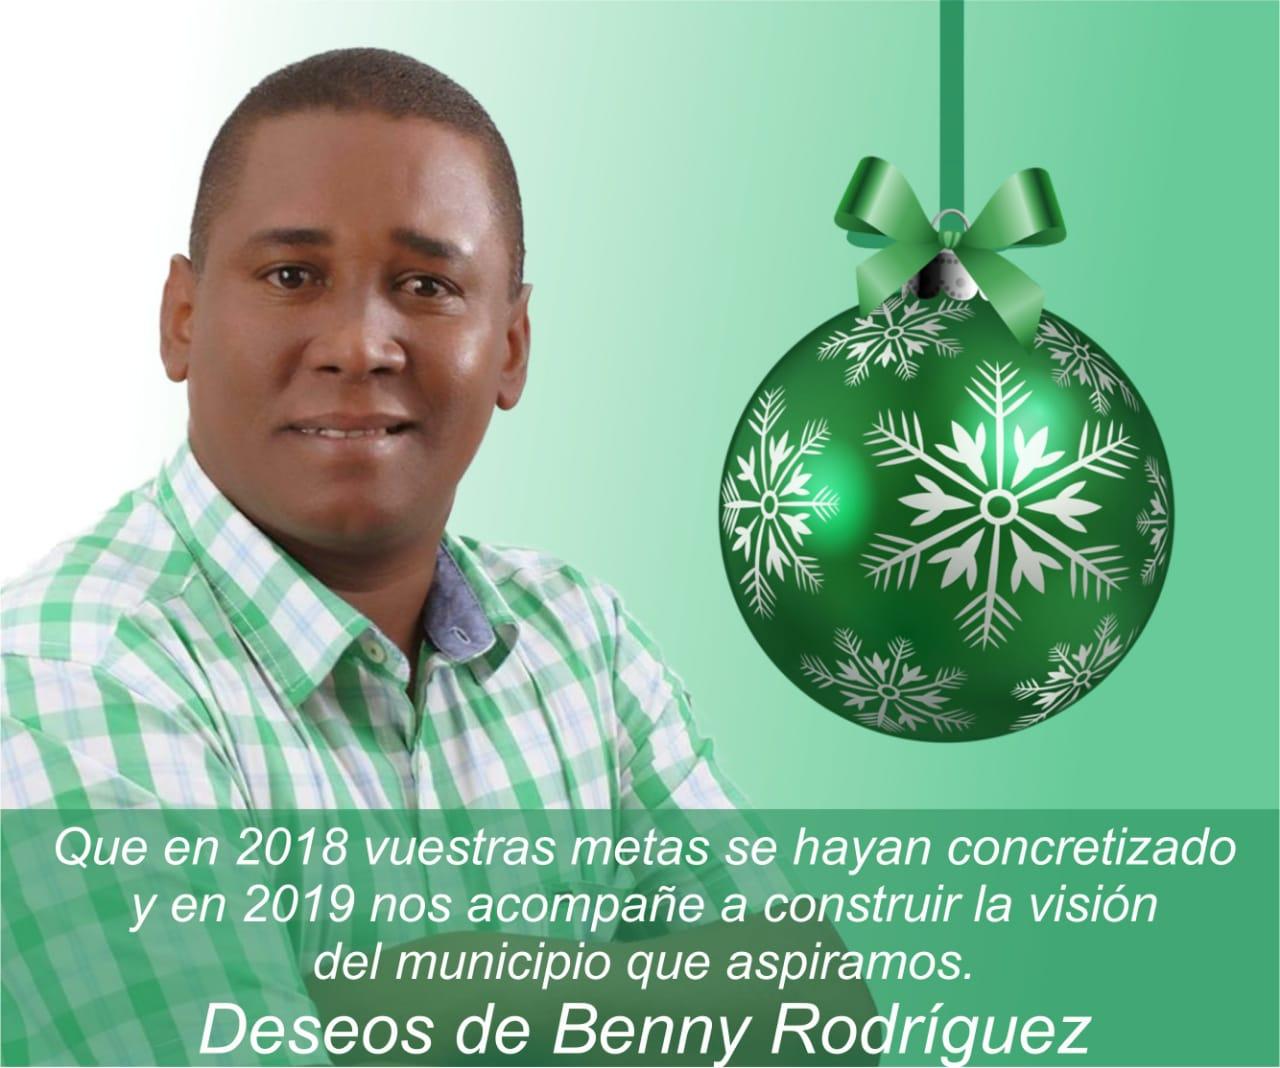 BENNY RODRÍGUEZ PRECANDIDATO A LA ALCALDÍA DE BARAHONA